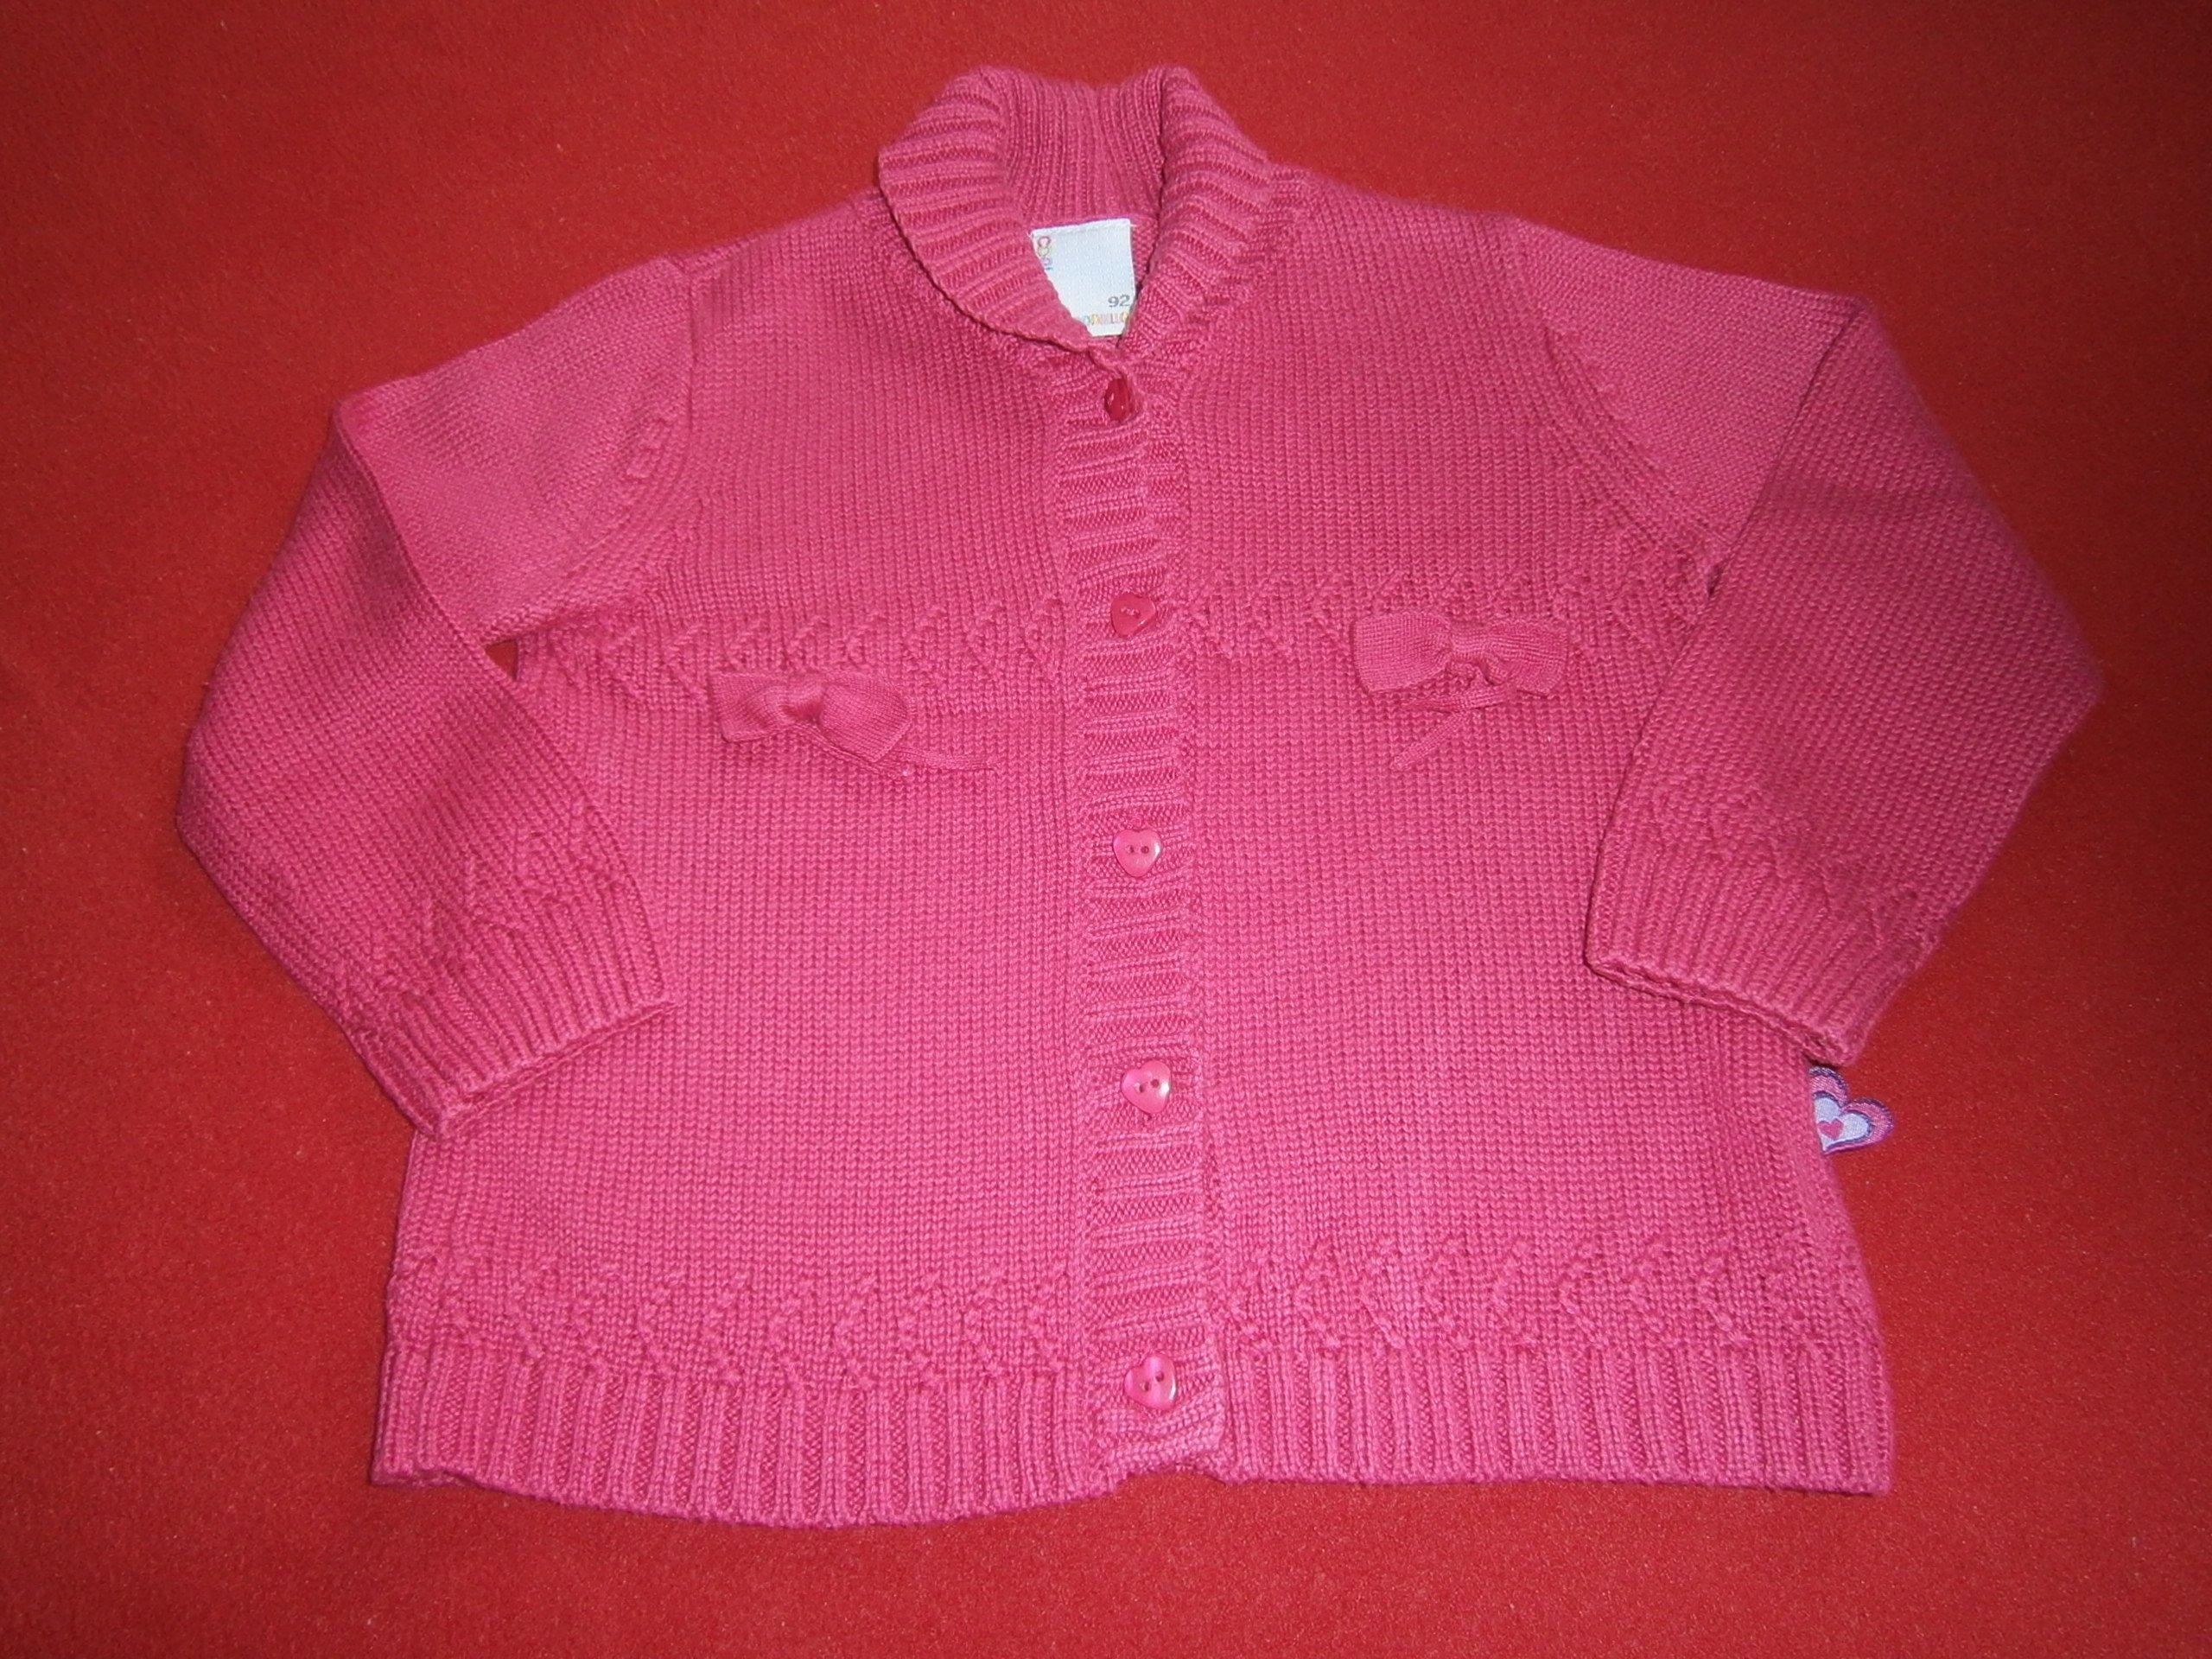 c0d3257078 Sweterek różowy z kokardkami Coccodrillo 92cm - 7236616420 ...